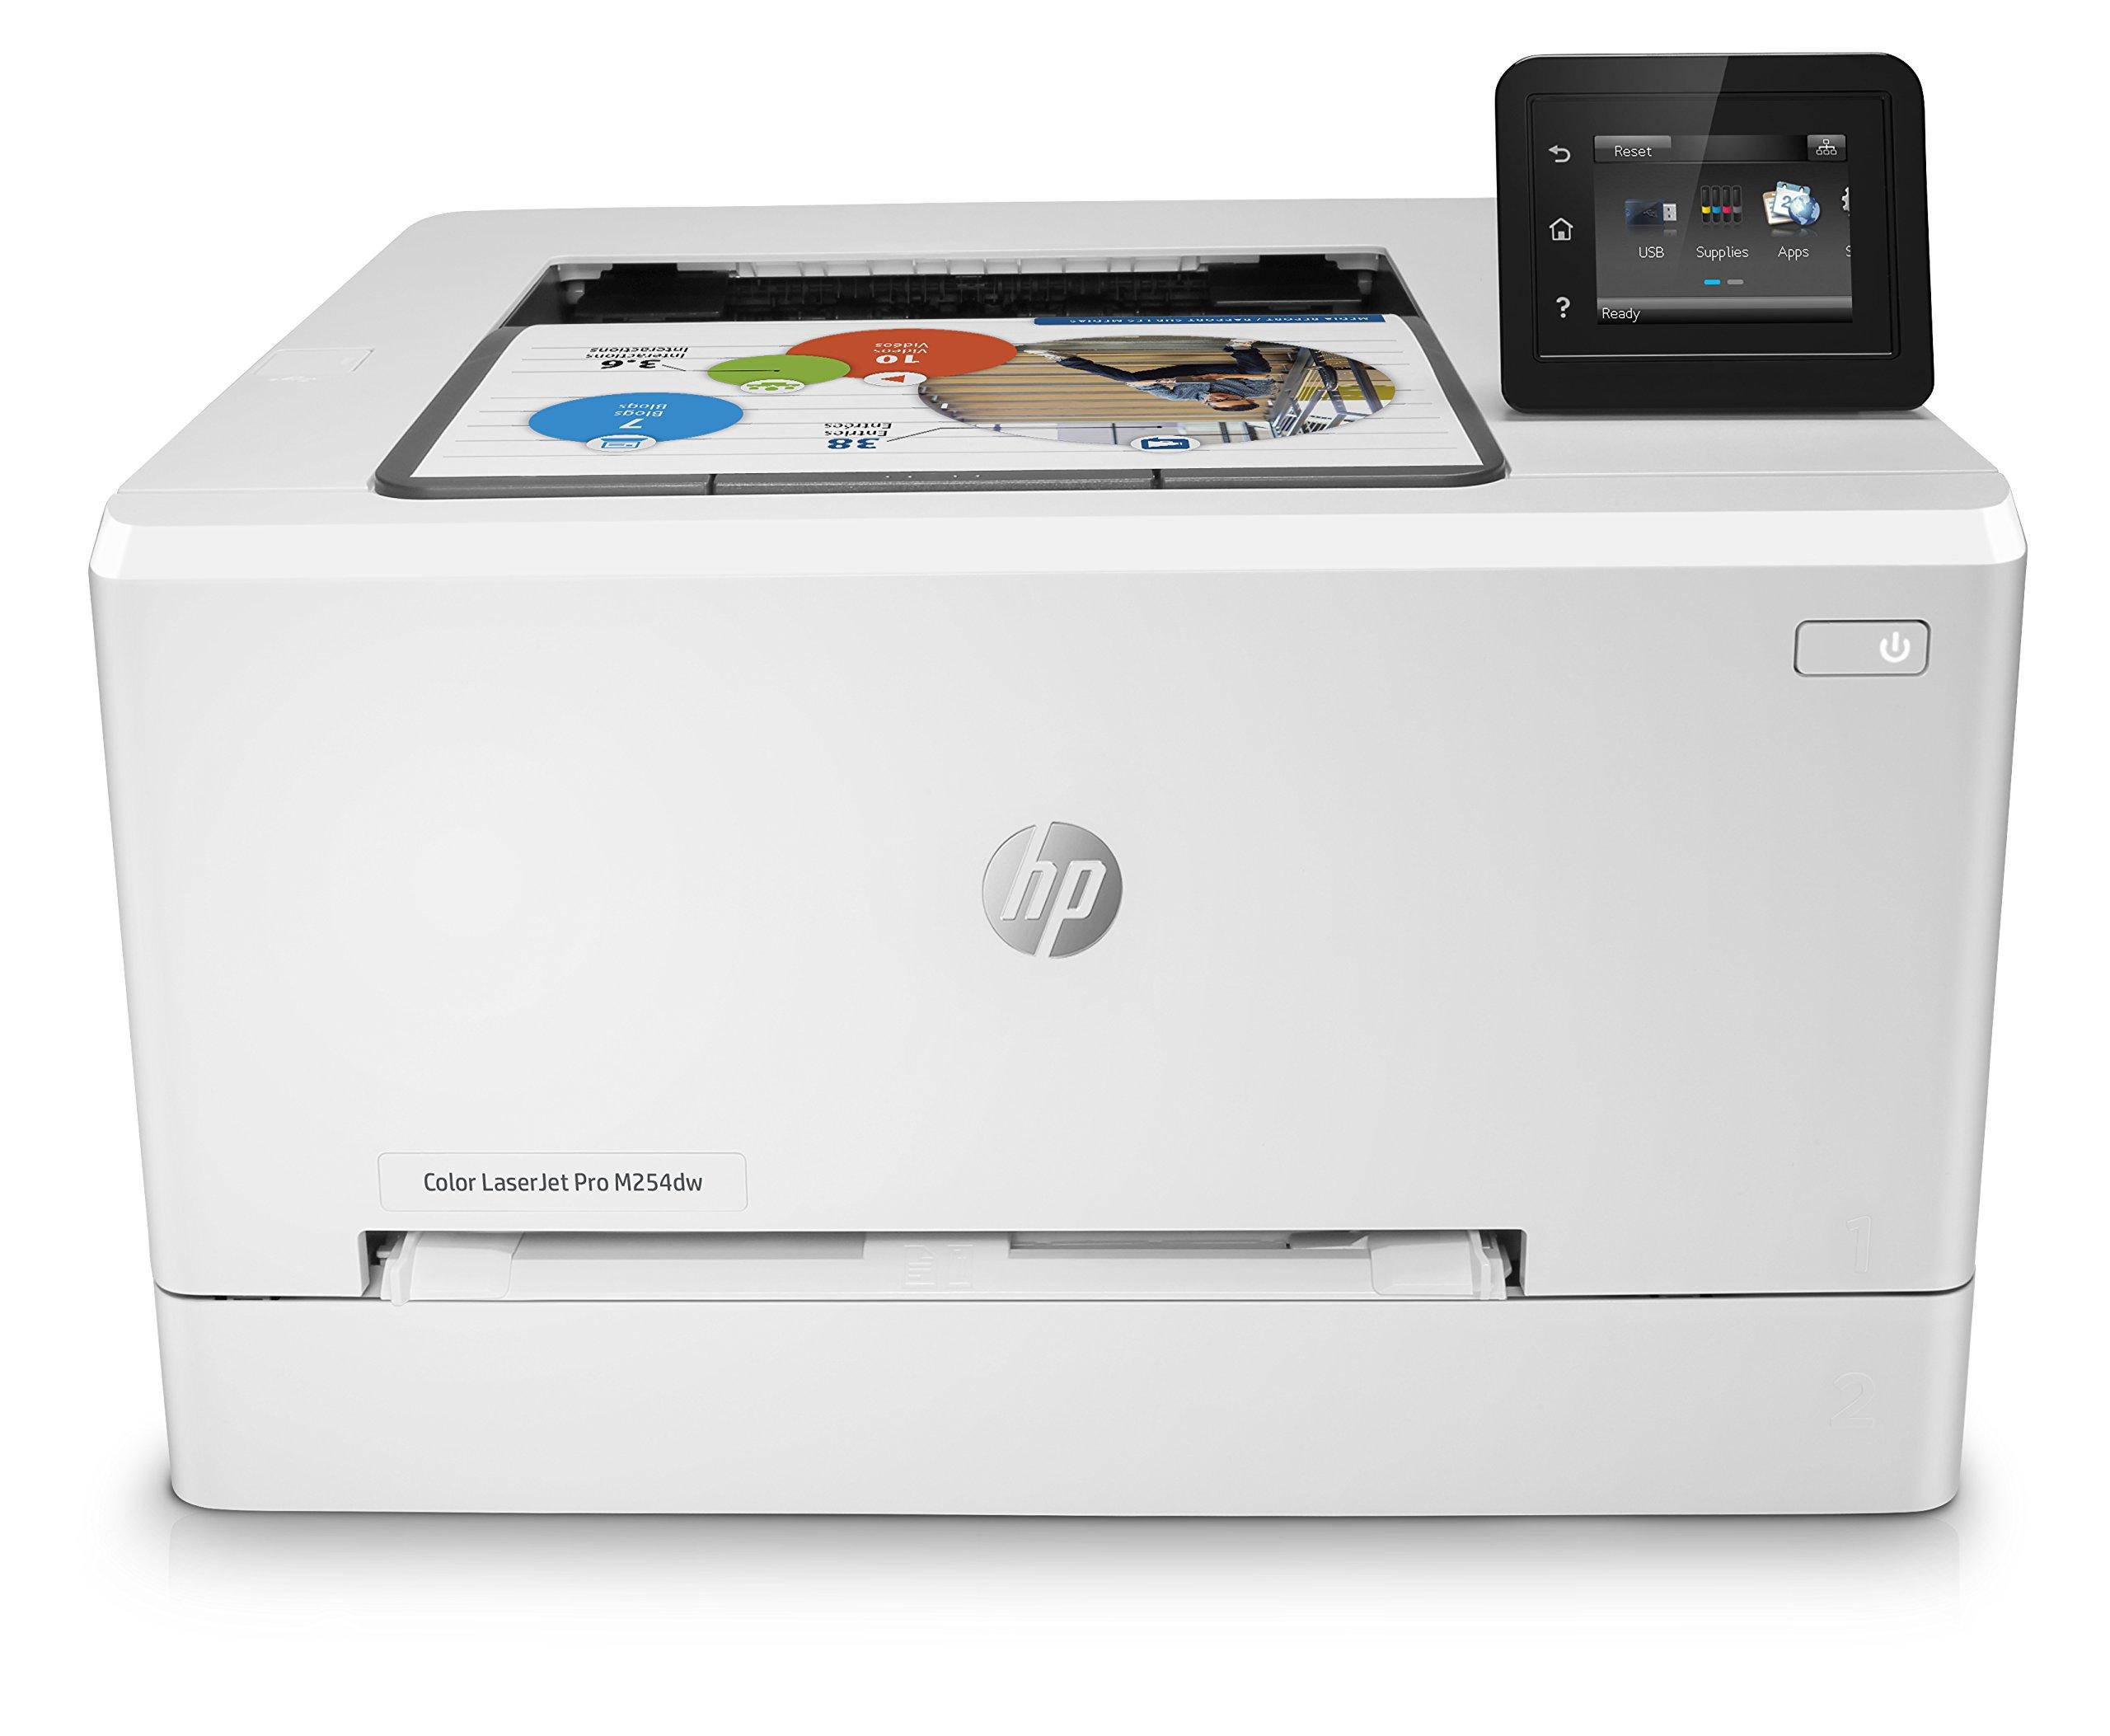 HP LaserJet Pro M254dw (T6B60A) Wireless Laser Colour Printer, Up to (600 x 600 dpi, Upto 21 ppm (colour), USB 2.0, LAN, Wi-Fi)